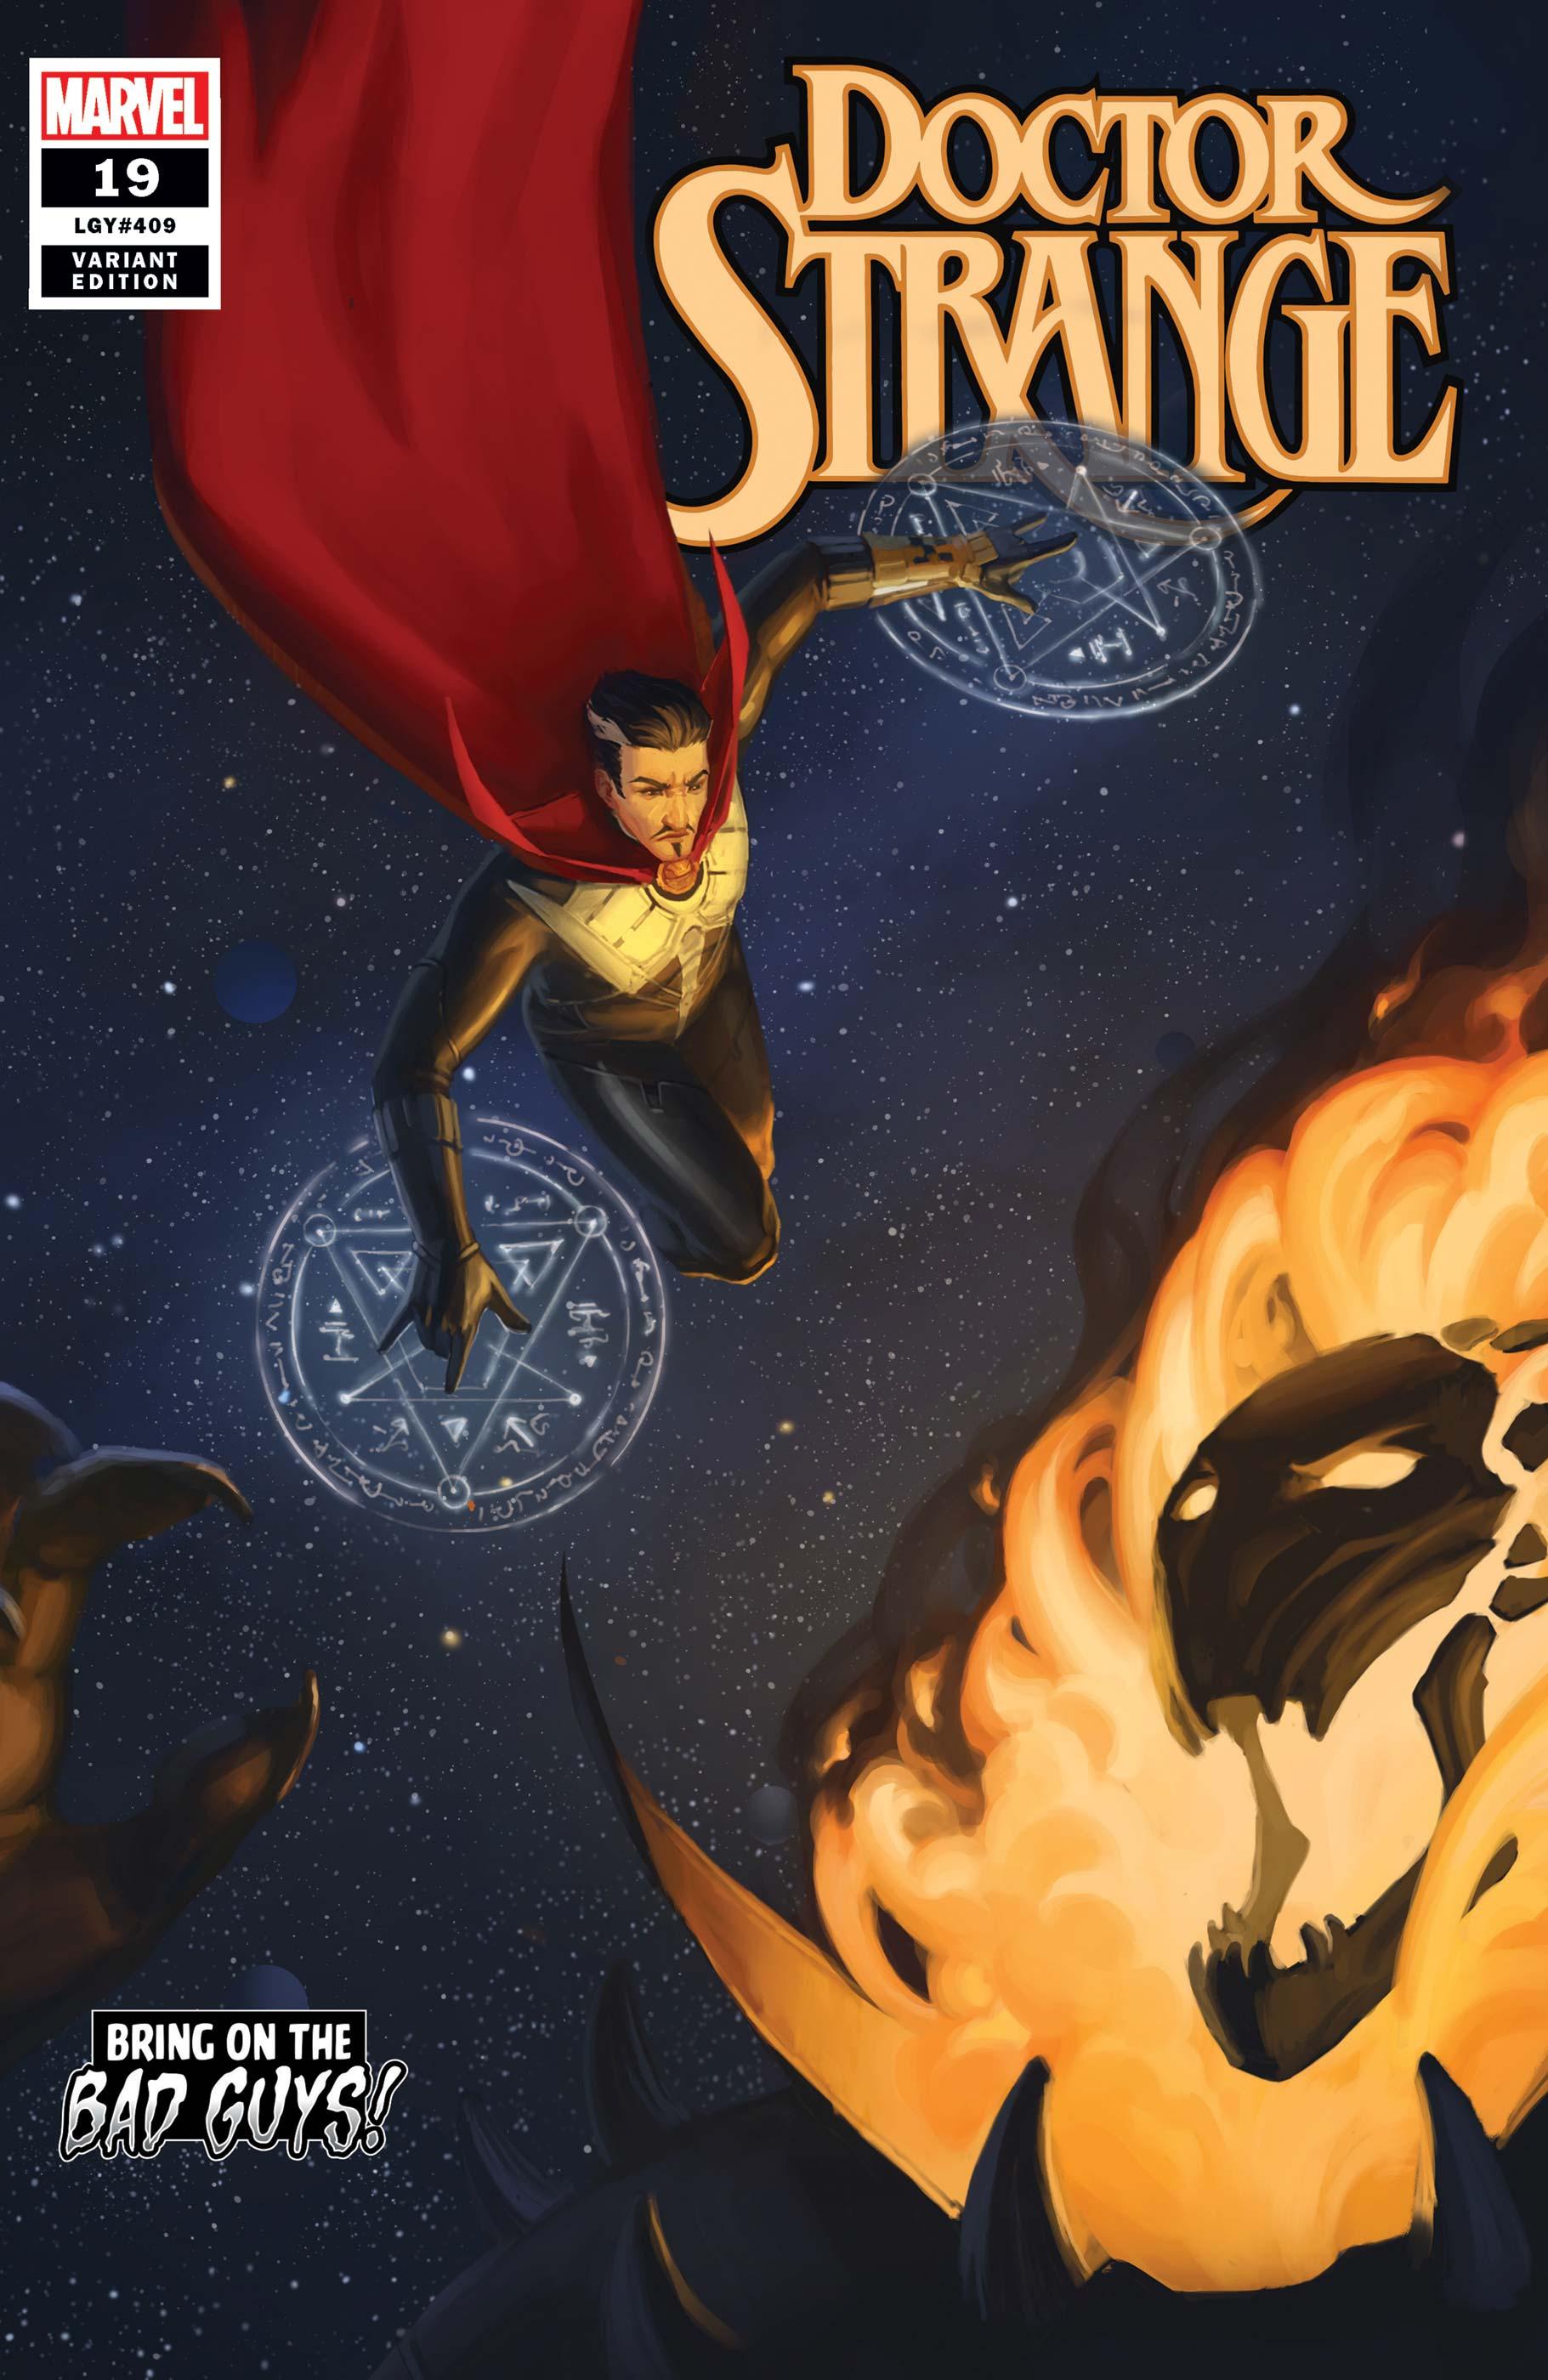 Doctor Strange (2018) #19 (Variant)